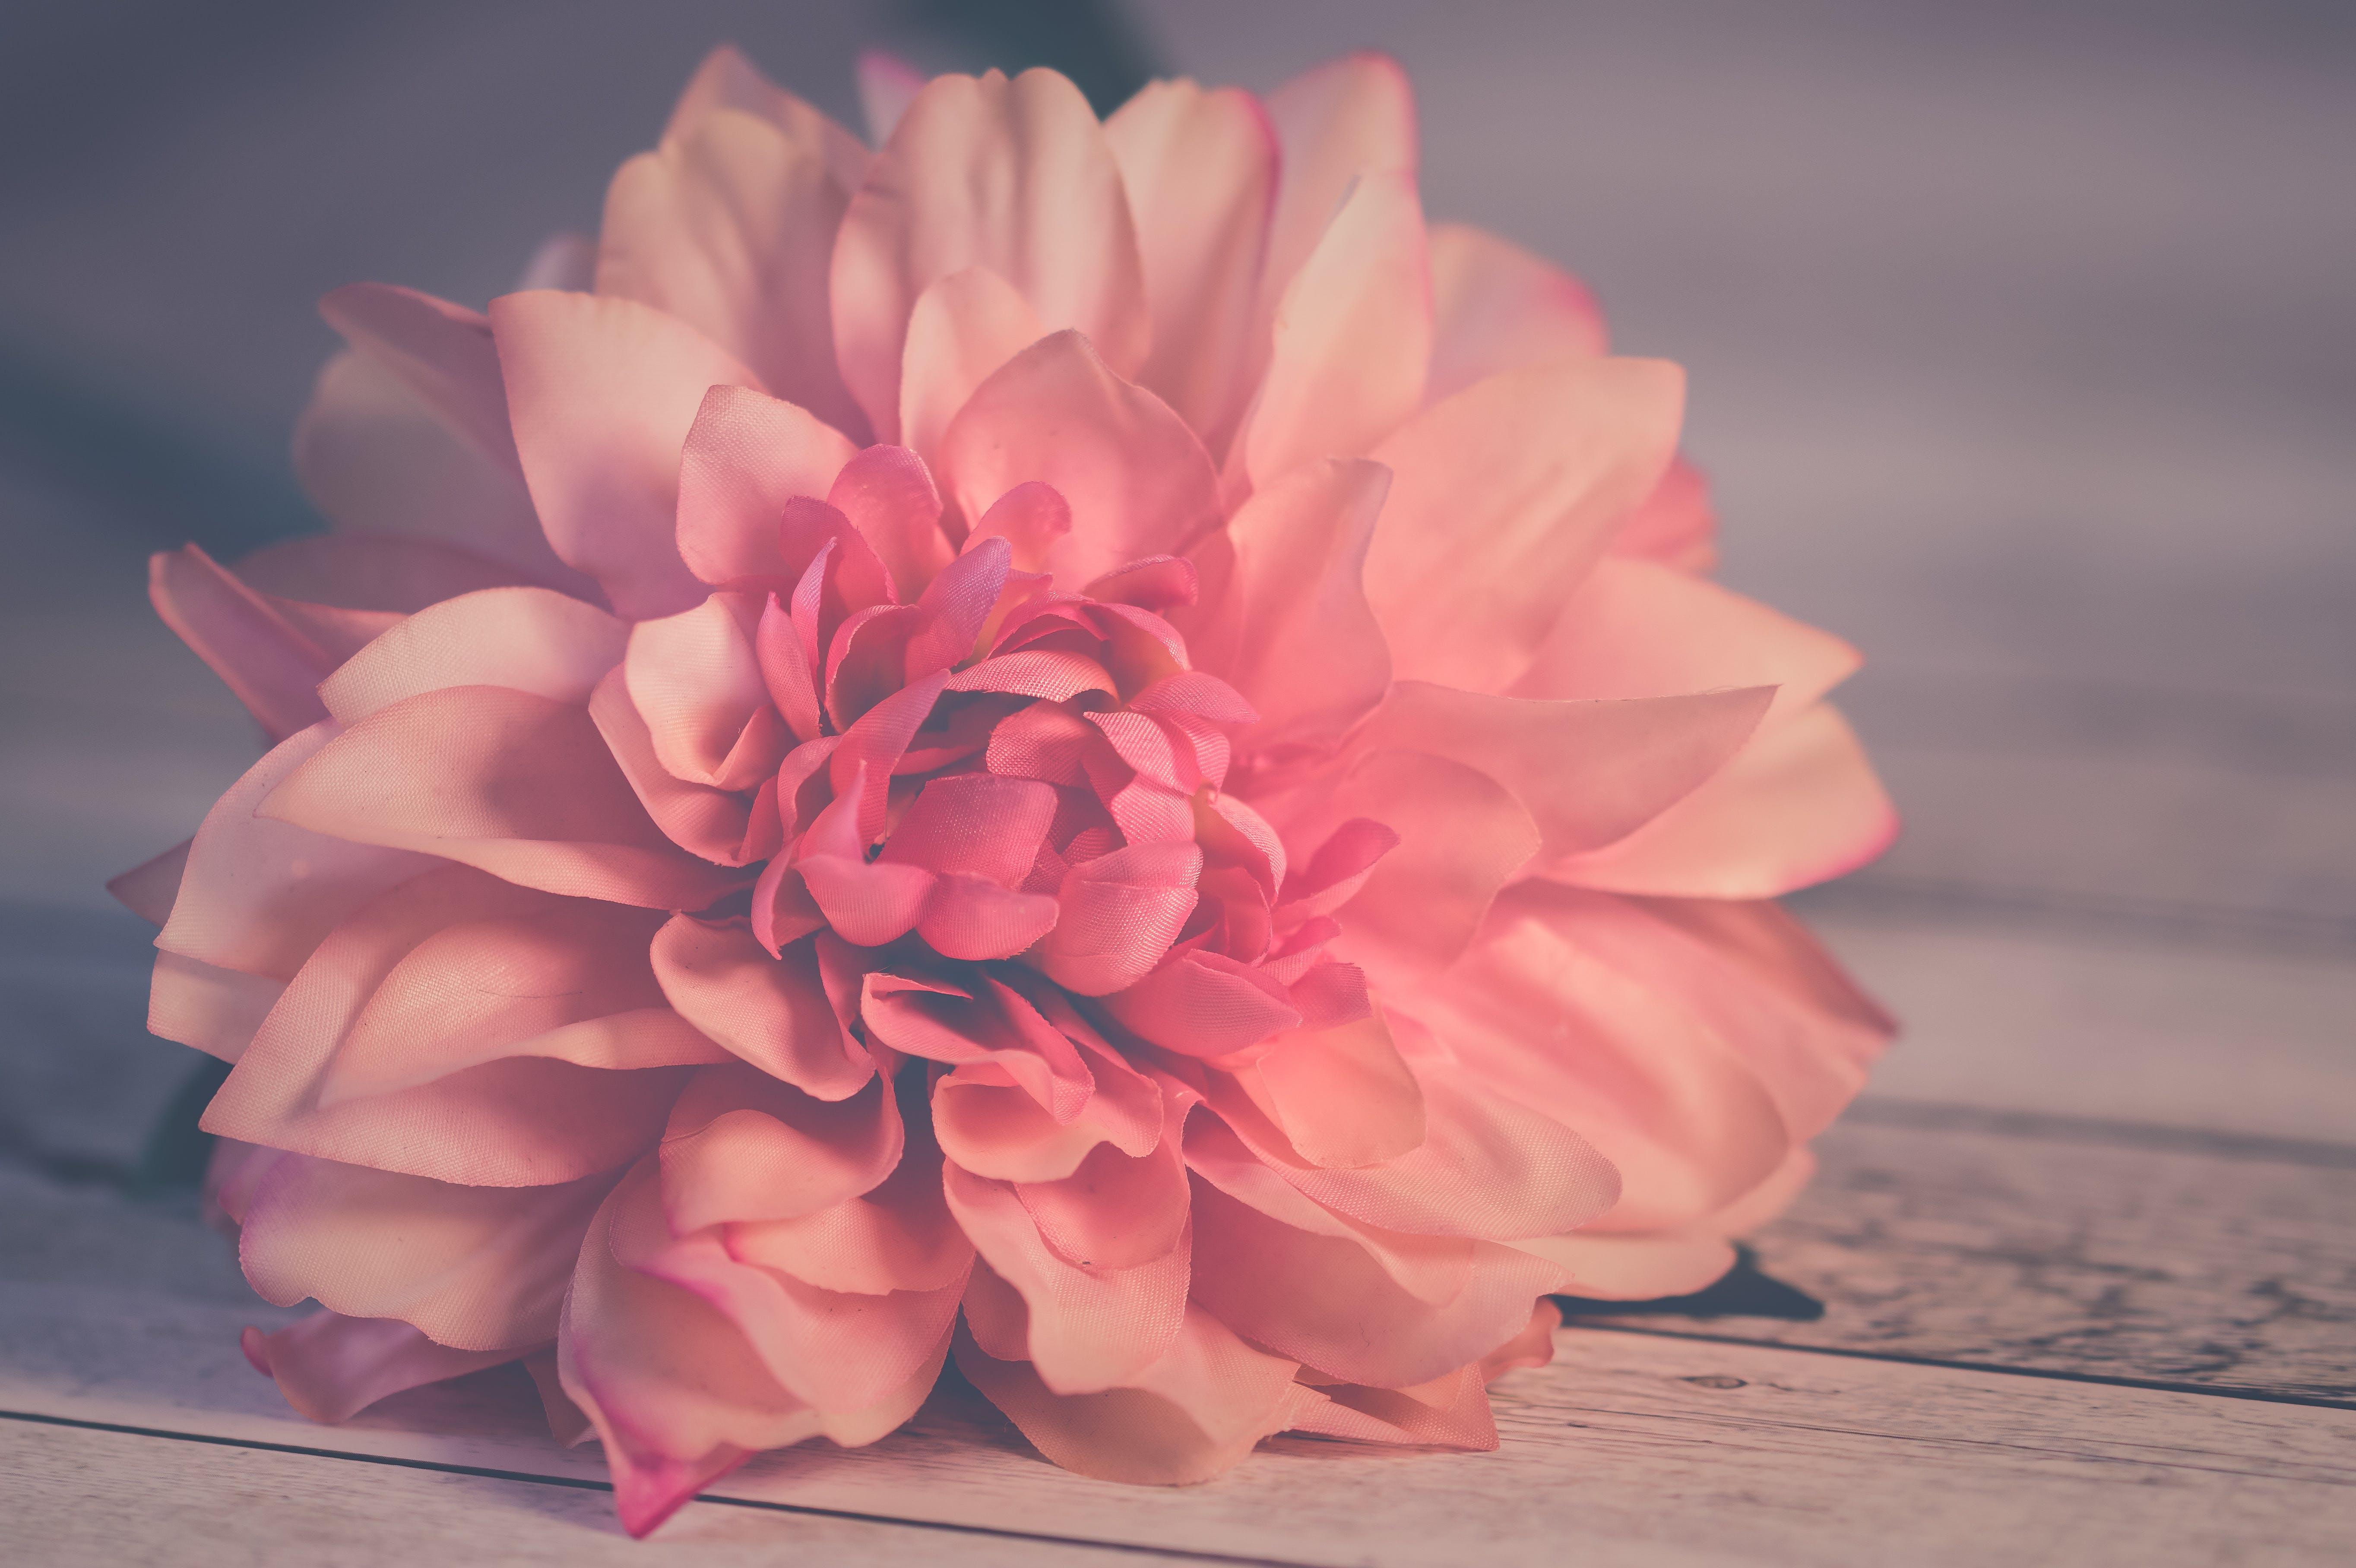 Gratis lagerfoto af baggrunde, blomst, blomstrende, close-up